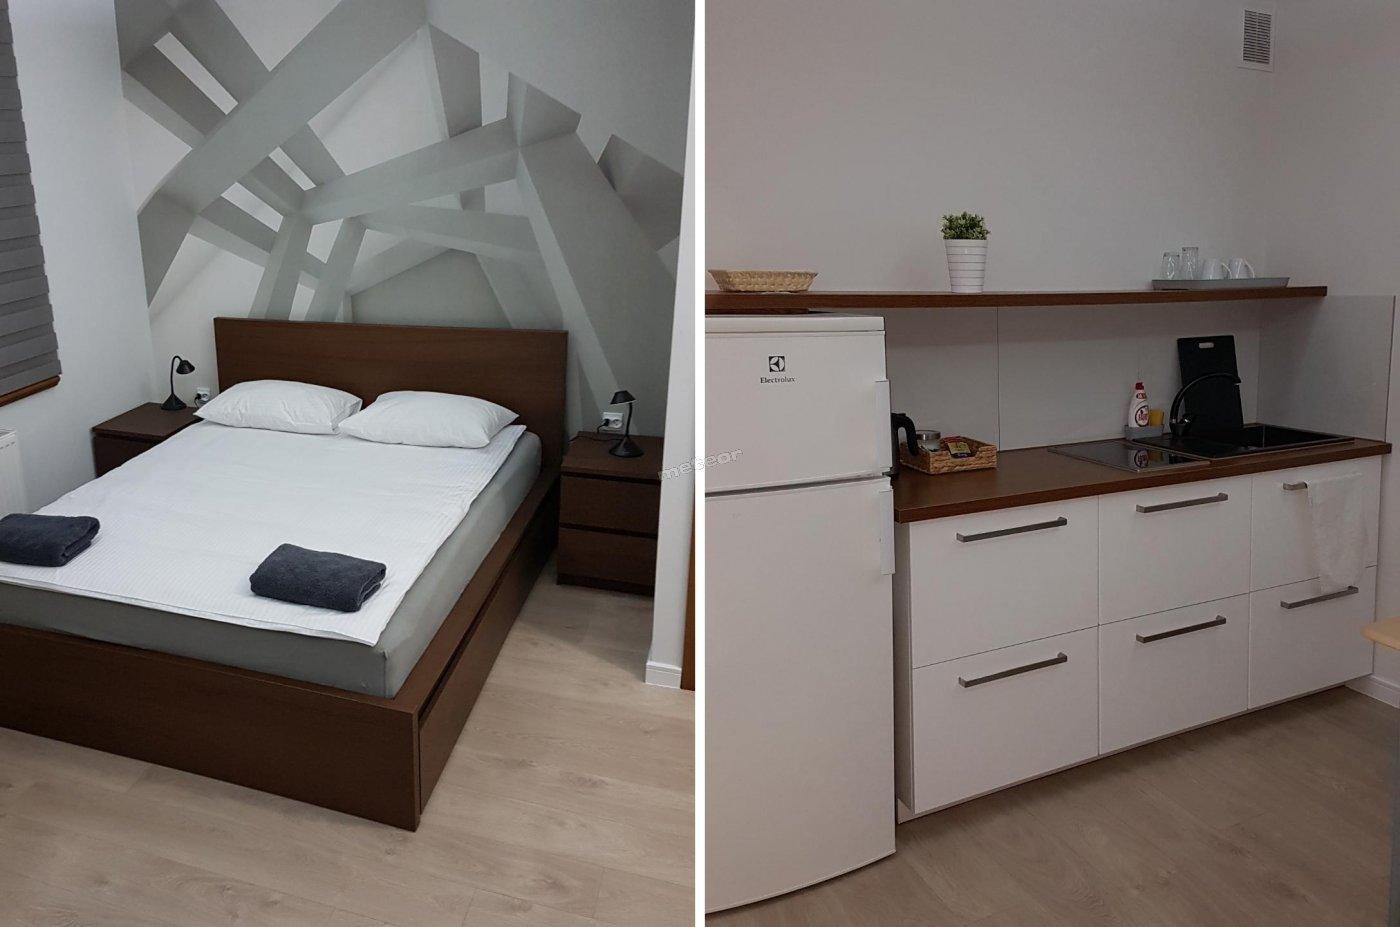 Apartament łoże małżeńskie plus wersalka